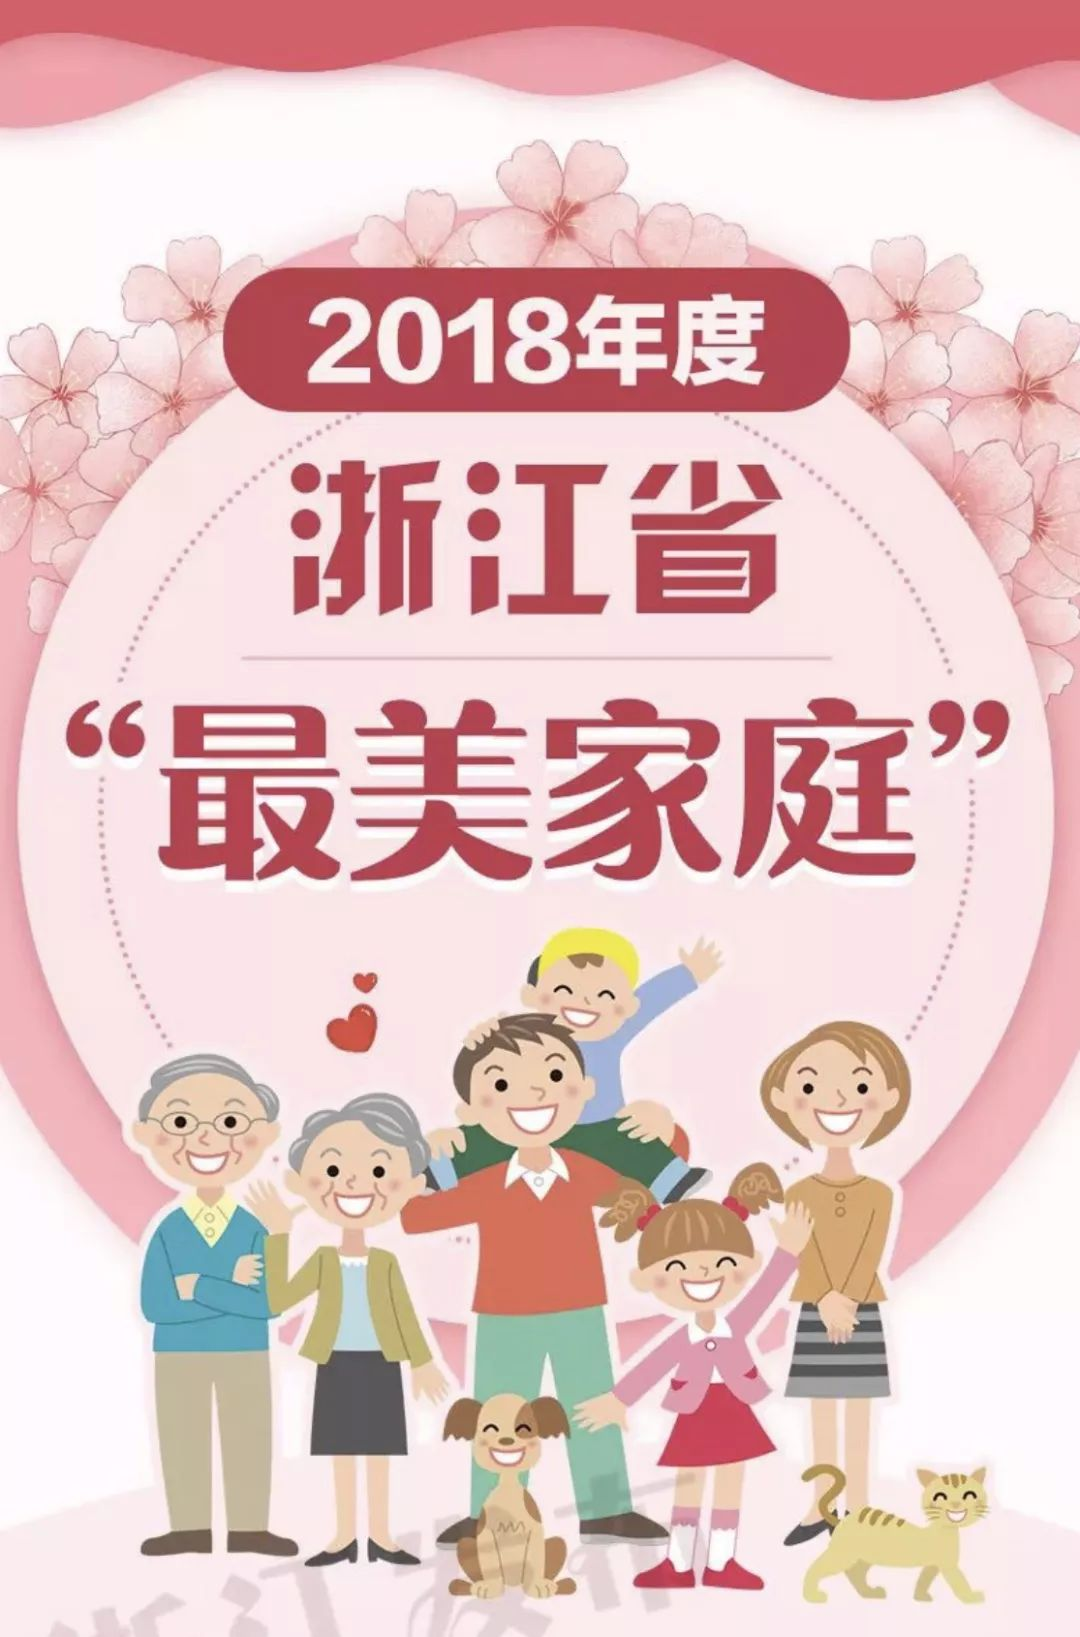 """浙江""""最美家庭""""揭晓,仙居这户家庭榜上有名"""